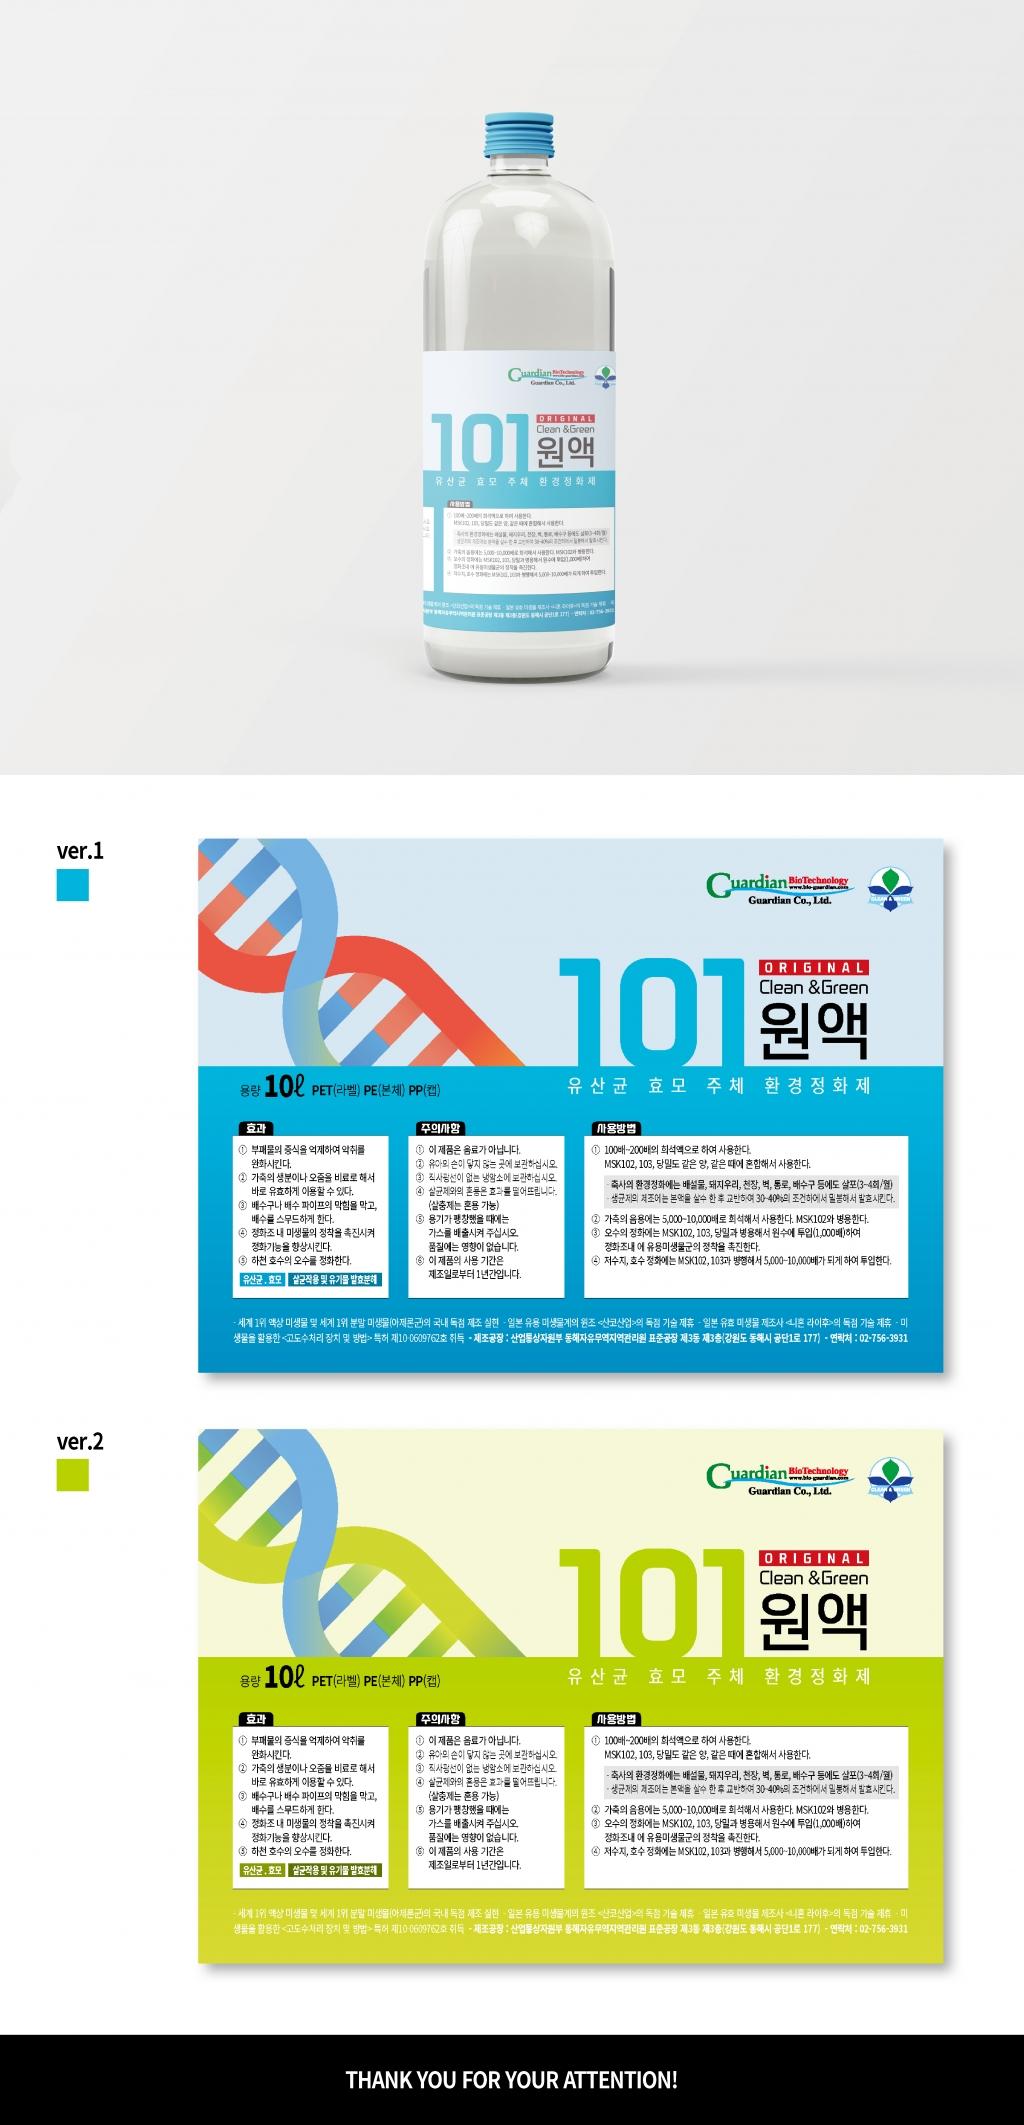 라벨 디자인 | 가디안 미생물 스티커(리뉴얼) 디자인 의뢰 | 라우드소싱 포트폴리오